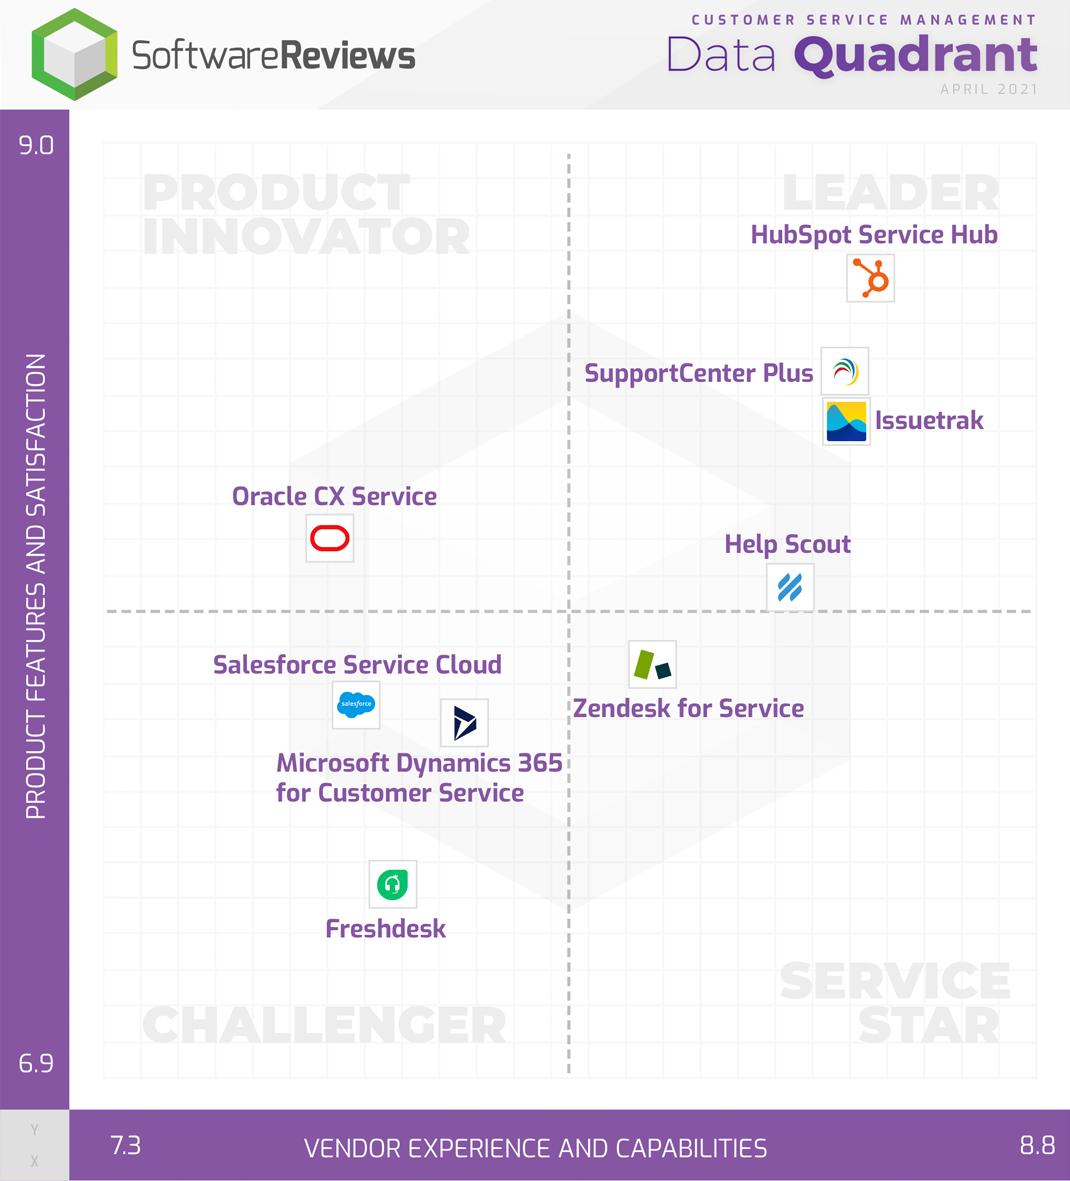 Daten-Quadrant von SoftwareReviews für kundenservice software